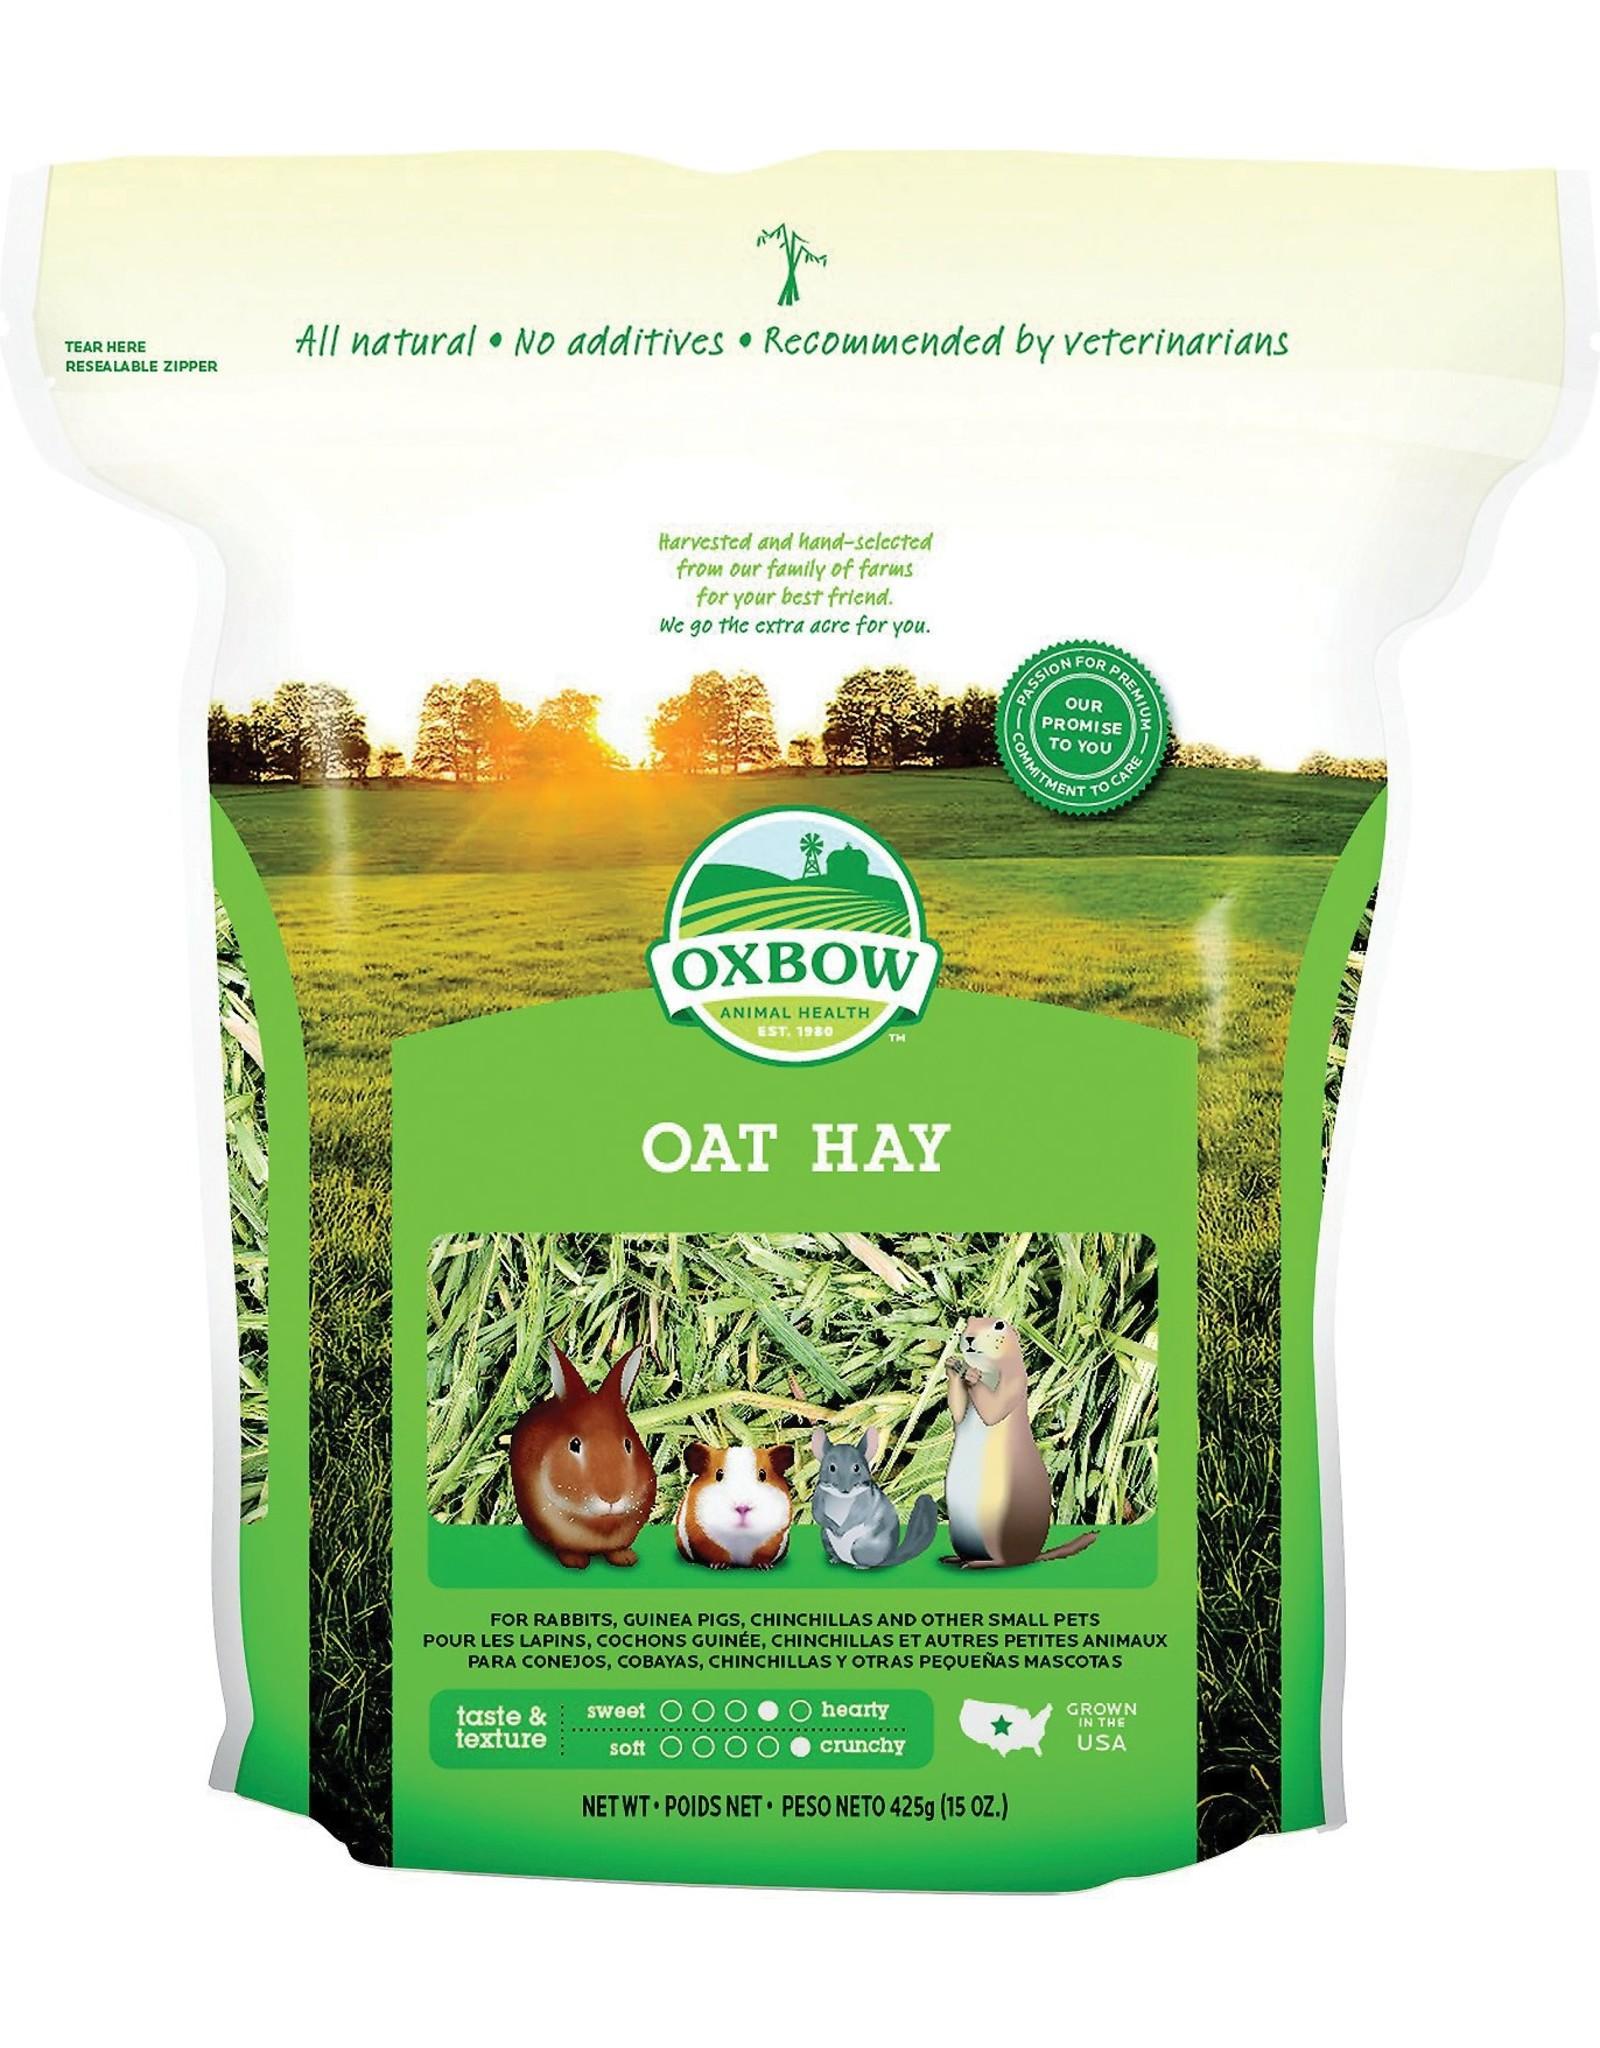 Oxbow Animal Health OXBOW OAT HAY 15OZ